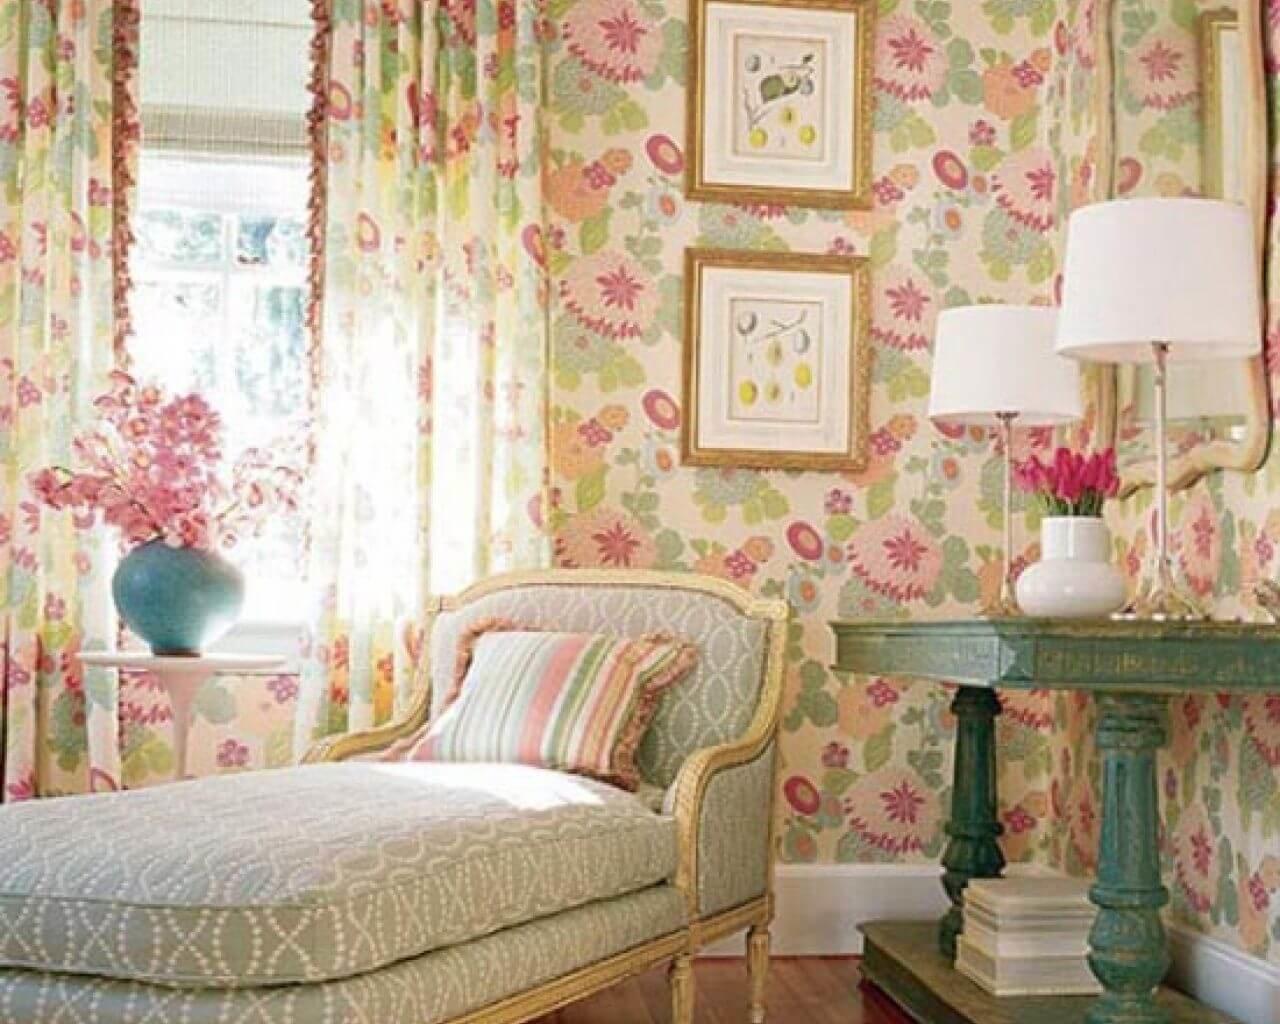 Для настенного покрытия в винтажной стилистике используют обои с цветочным принтом, нейтальную оттеночную гамму.